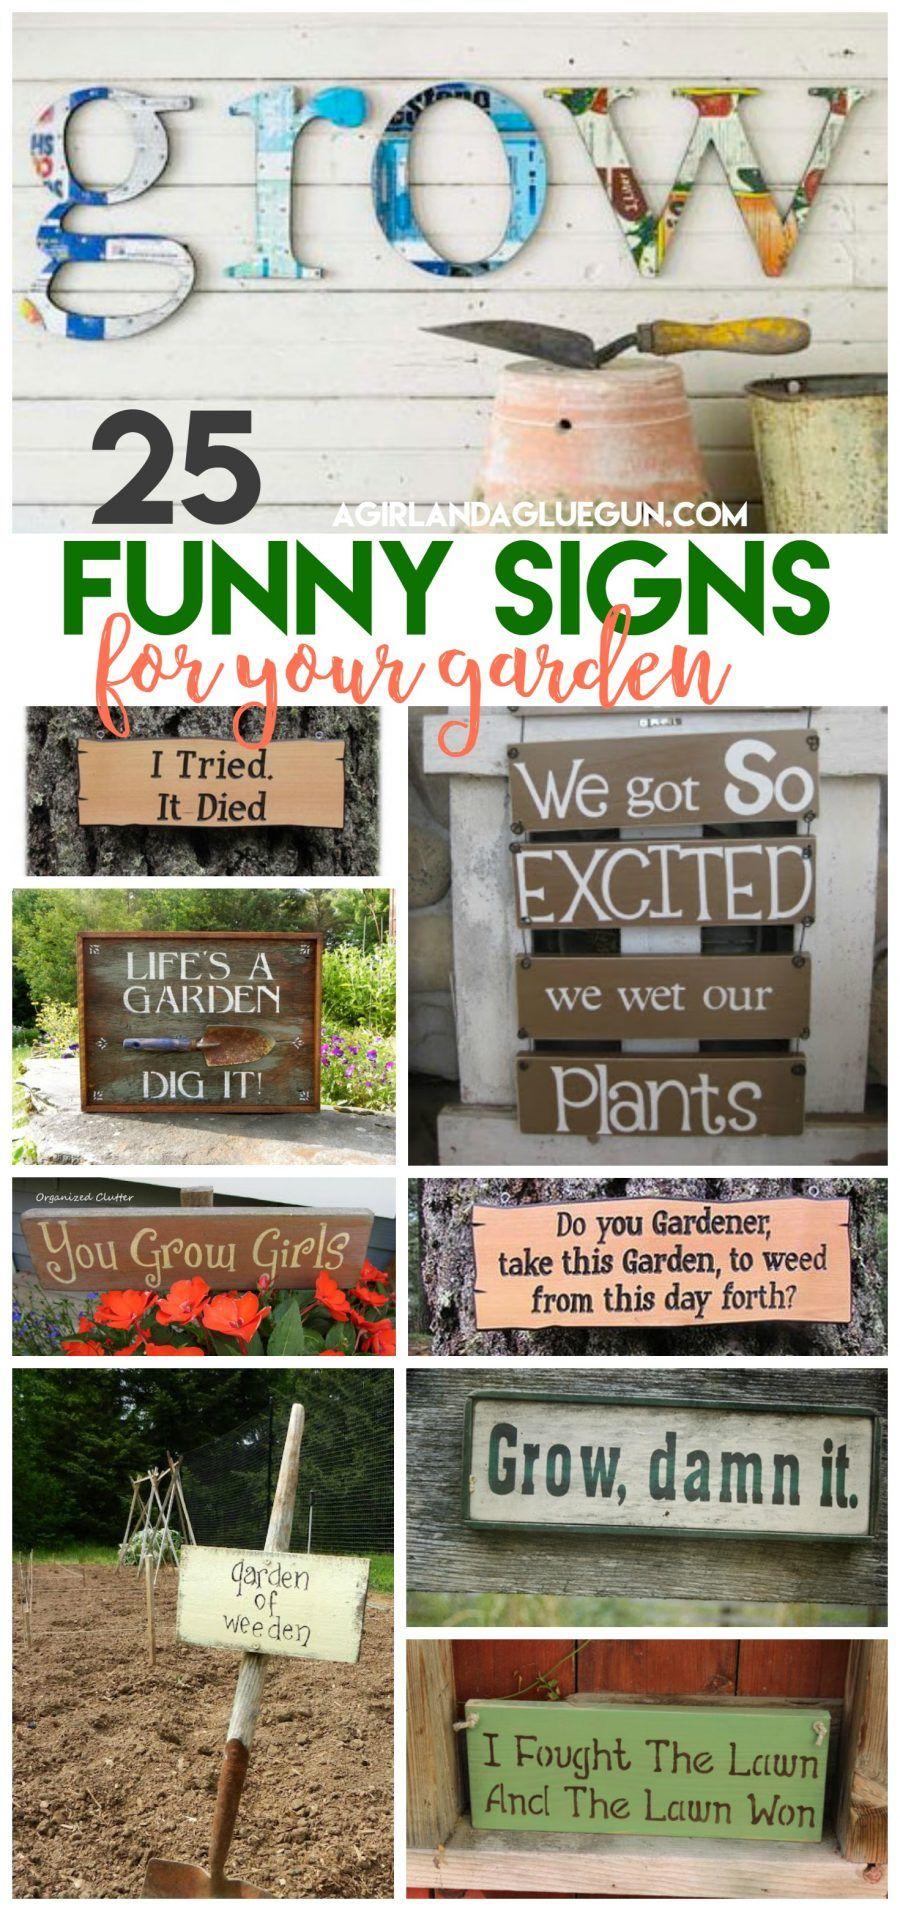 25 super funny garden signs funny garden signs garden